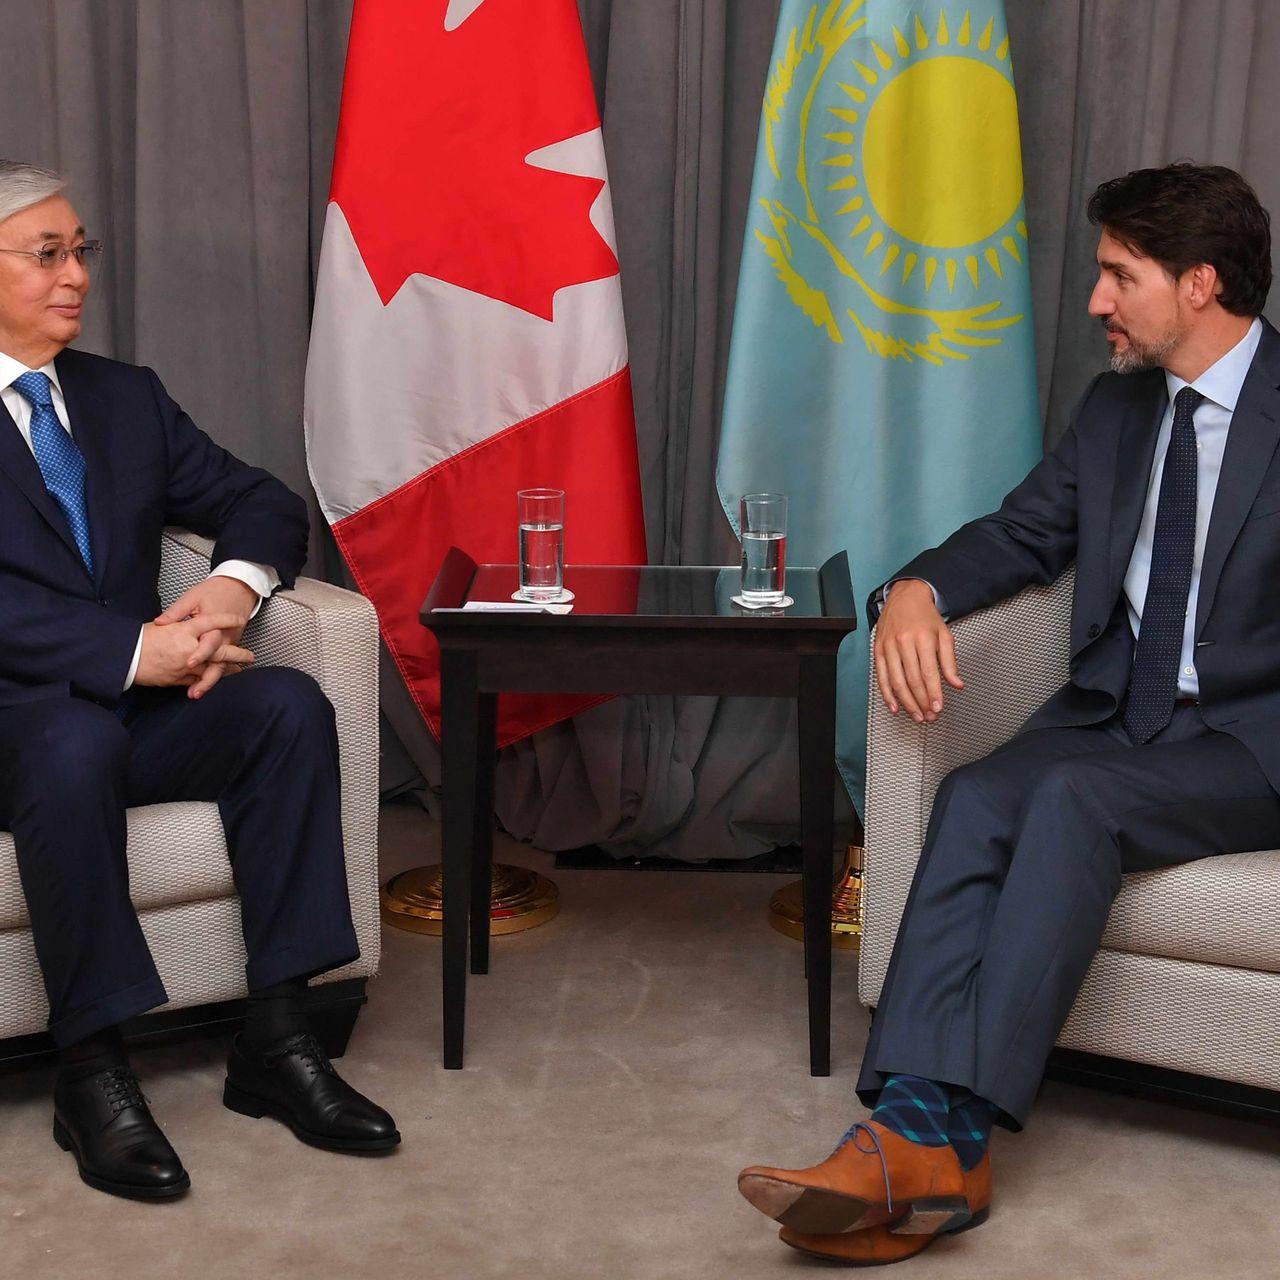 Мемлекет басшысы Канаданың Премьер-Министрі Джастин Трюдомен кездесу өткізді